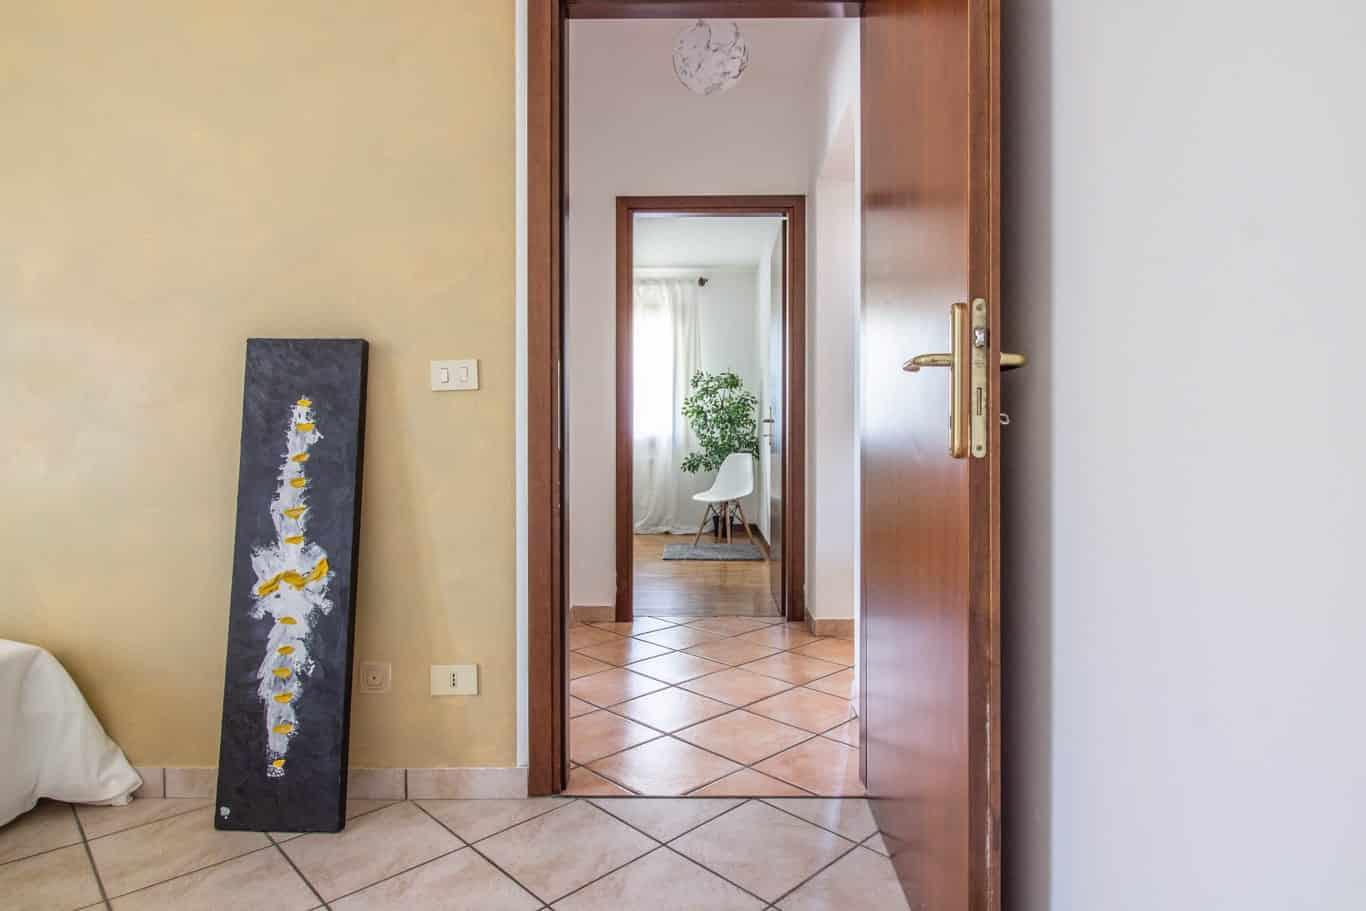 homelead-immobiliare-appartamento-zoppola (3 of 8)